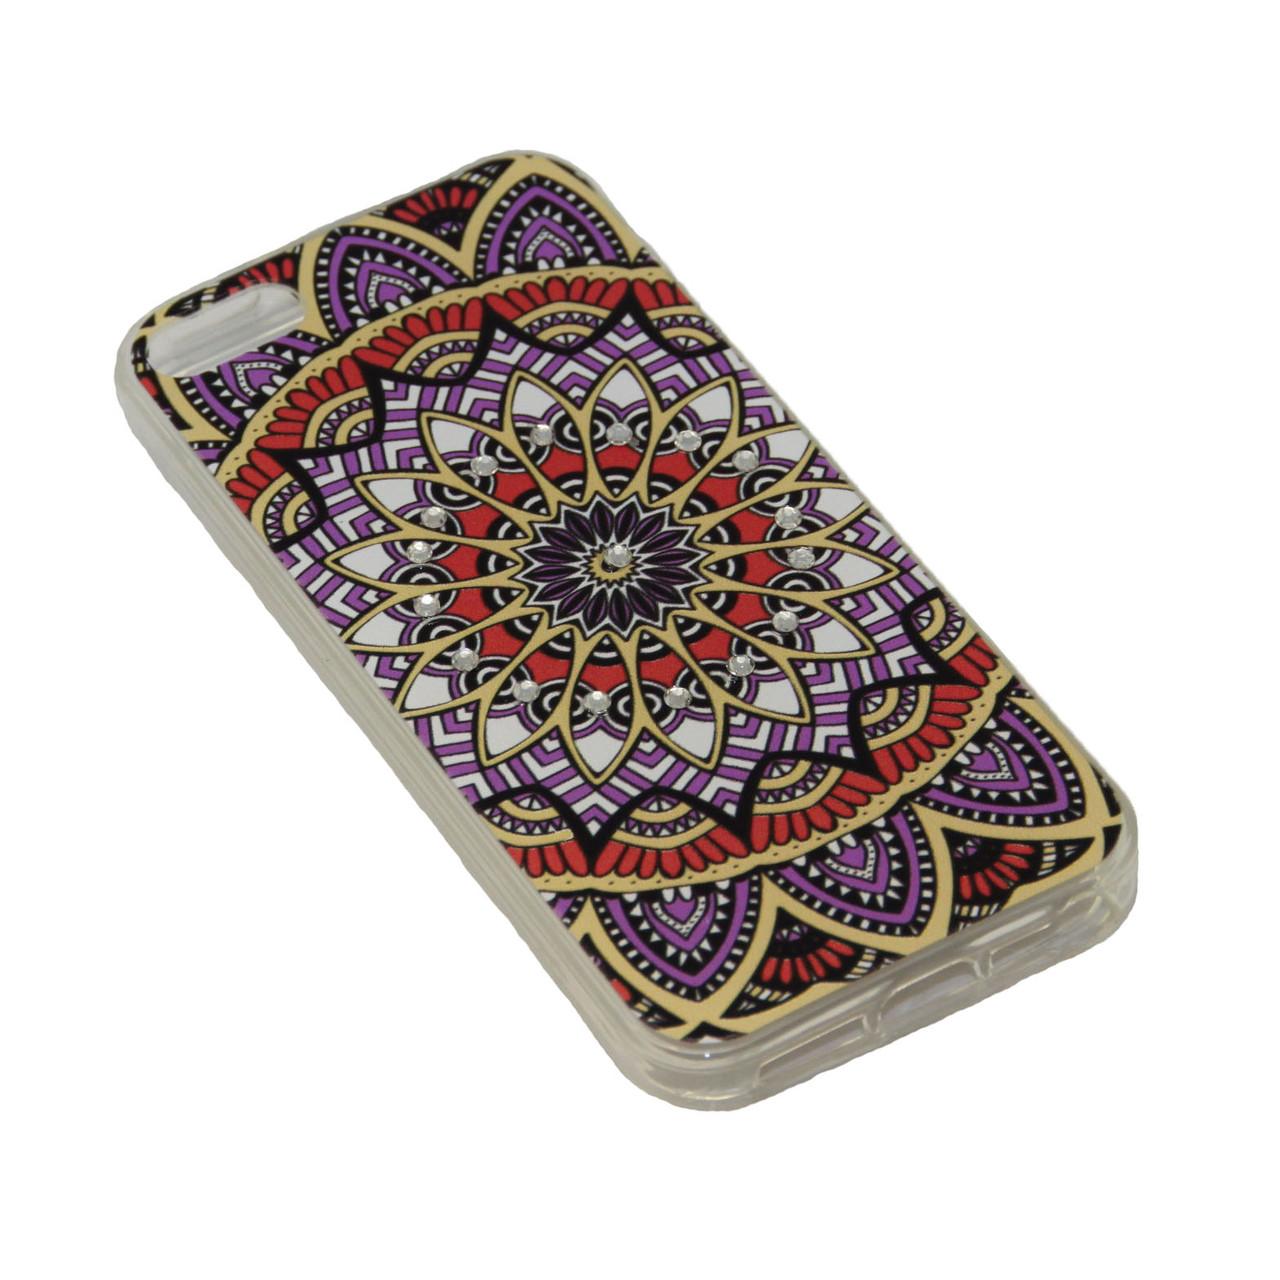 Чехол Fashion Силикон Стразы iPhone 7 Plus - фото 4